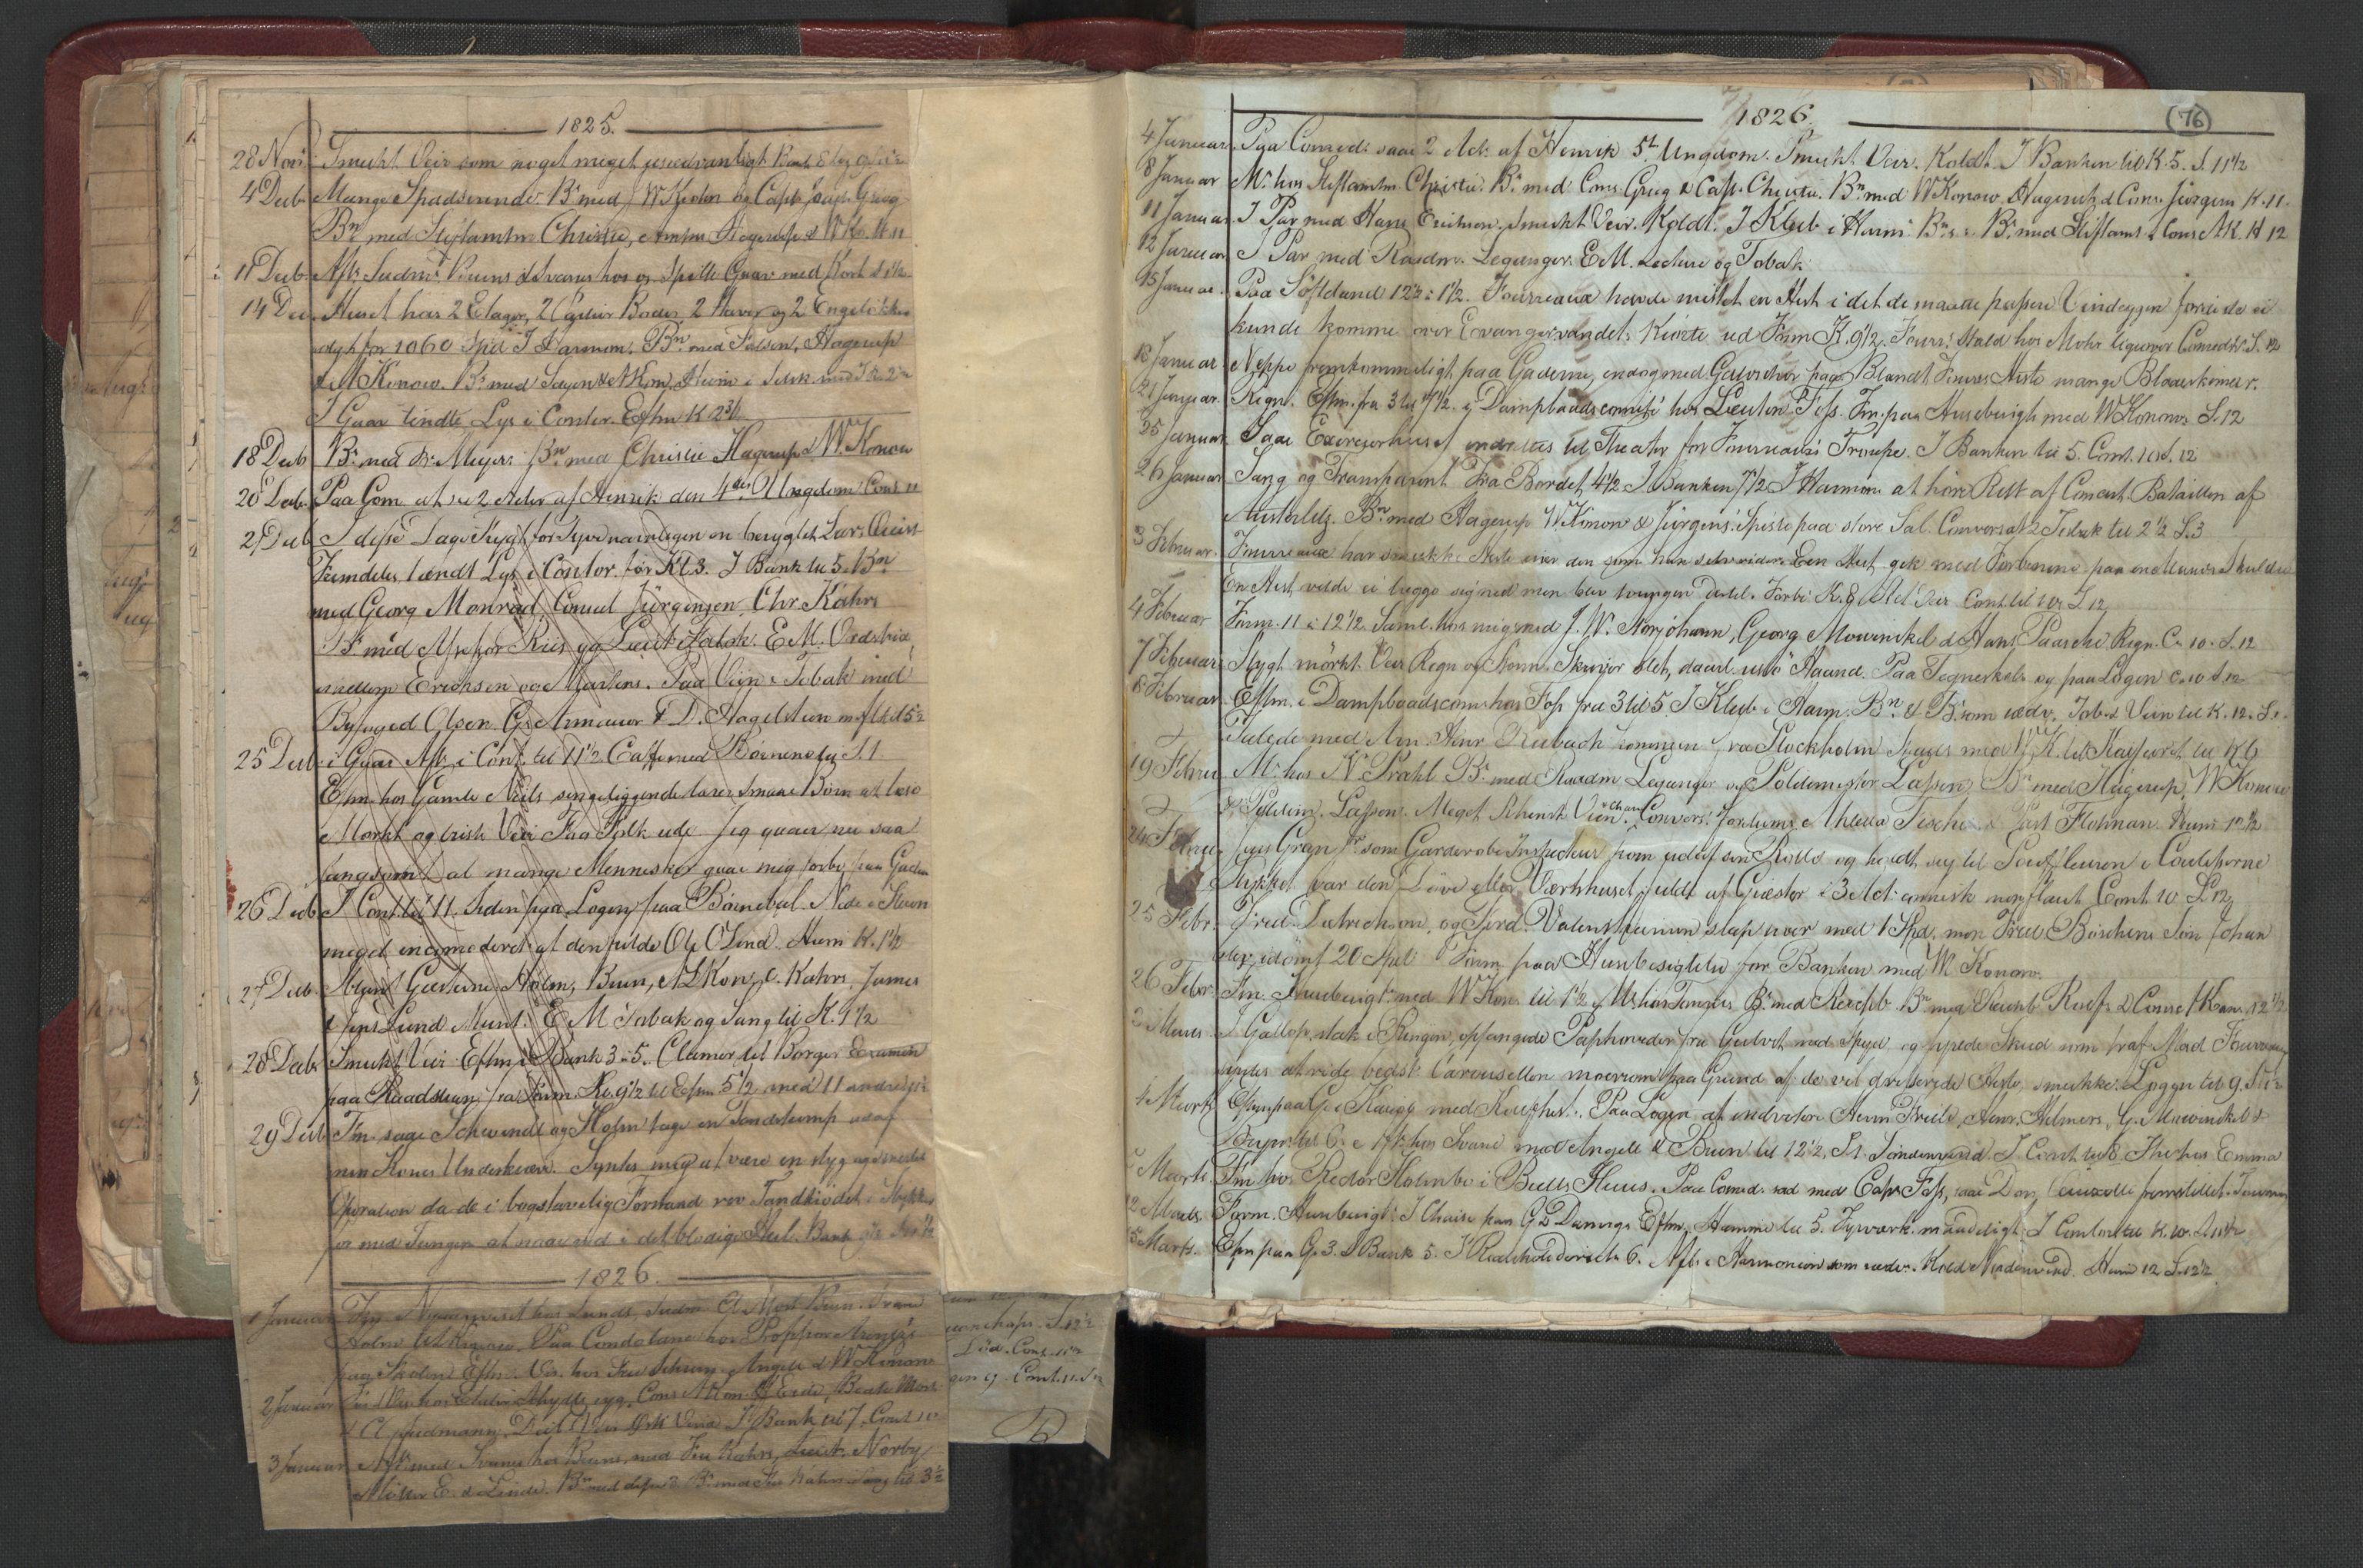 RA, Meltzer, Fredrik, F/L0004: Dagbok, 1822-1830, s. 75b-76a